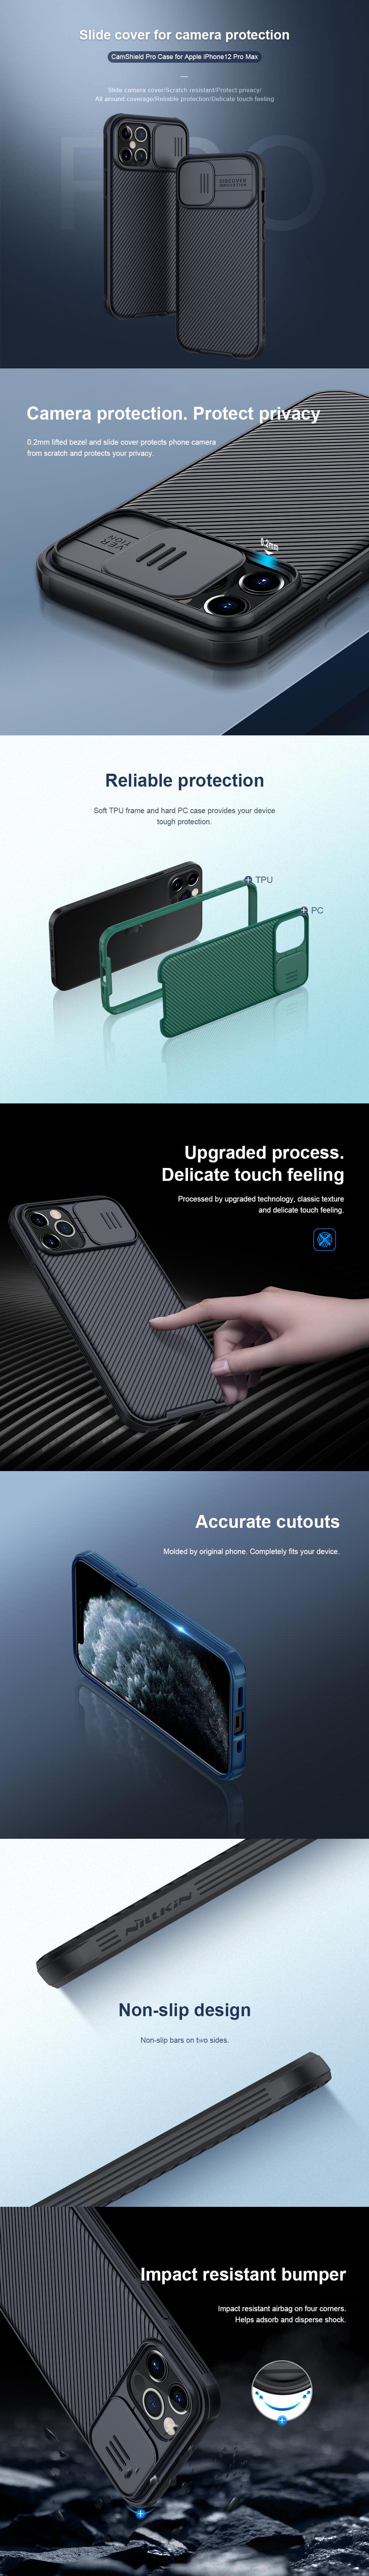 کاور اورجینال نیلکین مدل CamShield Pro مناسب برای گوشی موبایل آیفون 12 پرو مکس